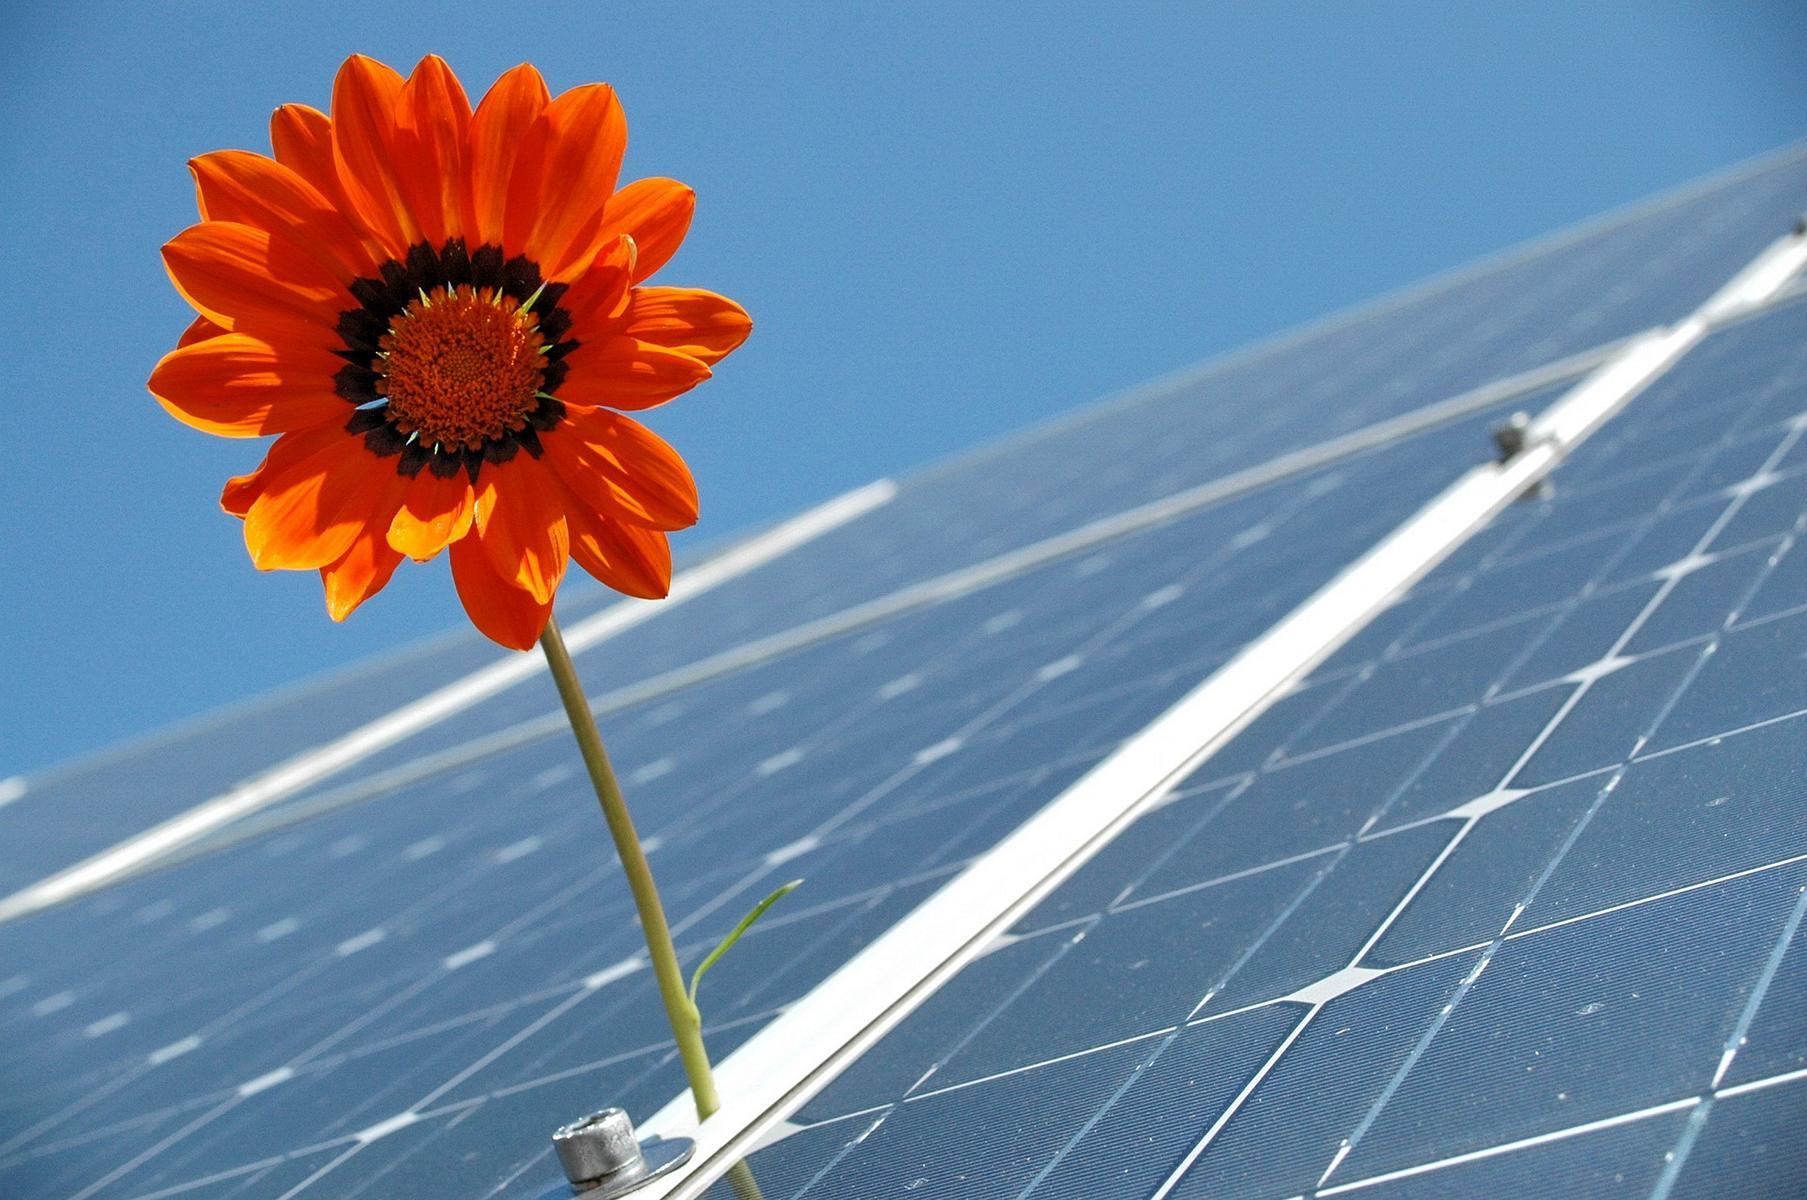 Erneuerbare Energien sind im Trend